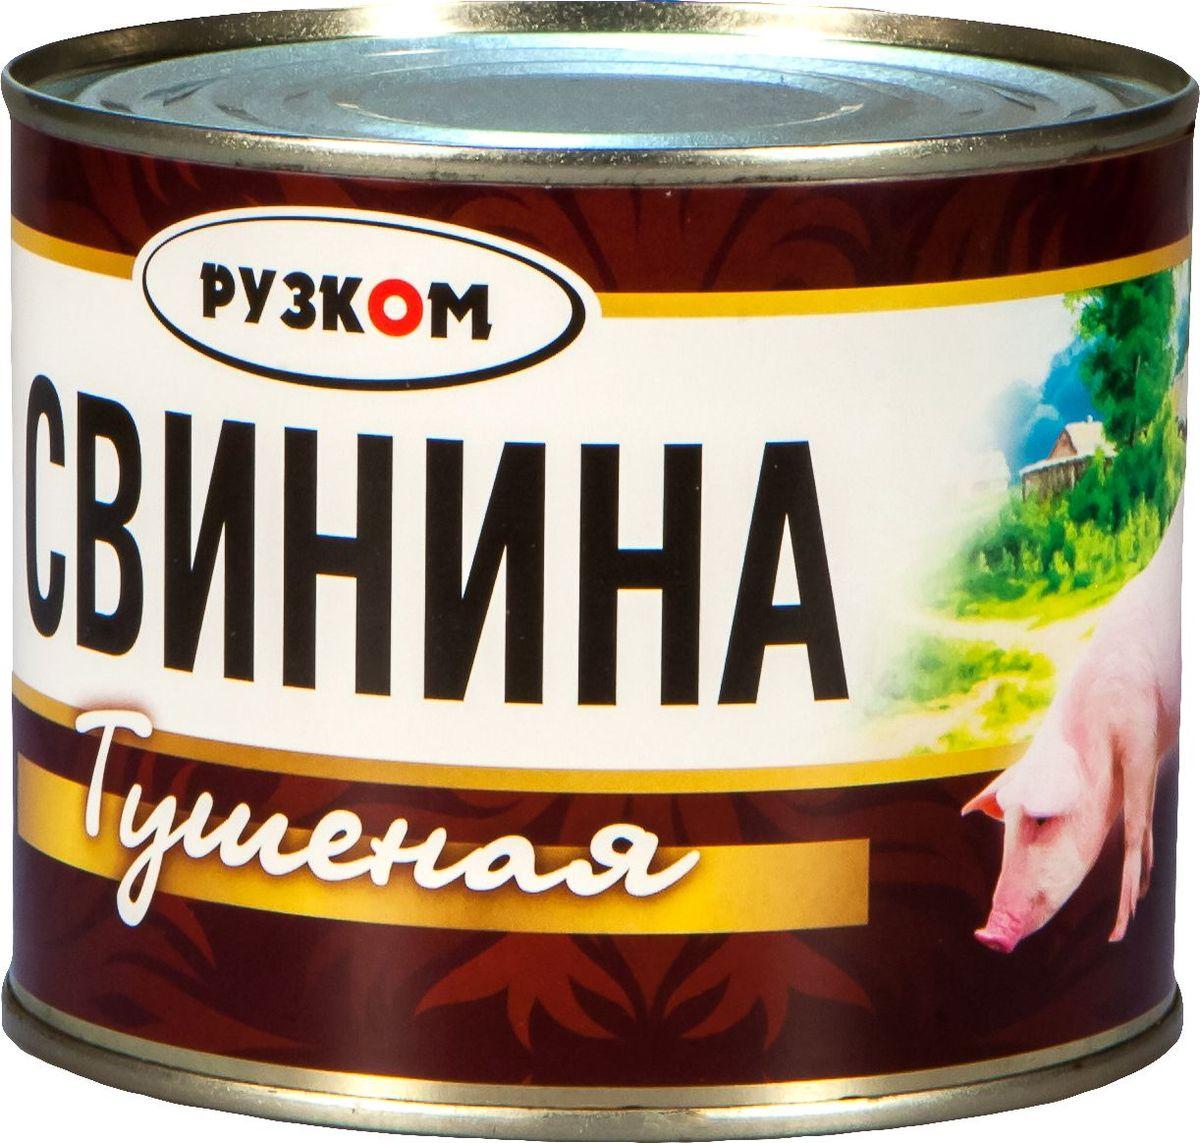 Рузком Свинина тушеная высший сорт ГОСТ, 525 г золотой резерв барс свинина тушеная высший сорт 325 г